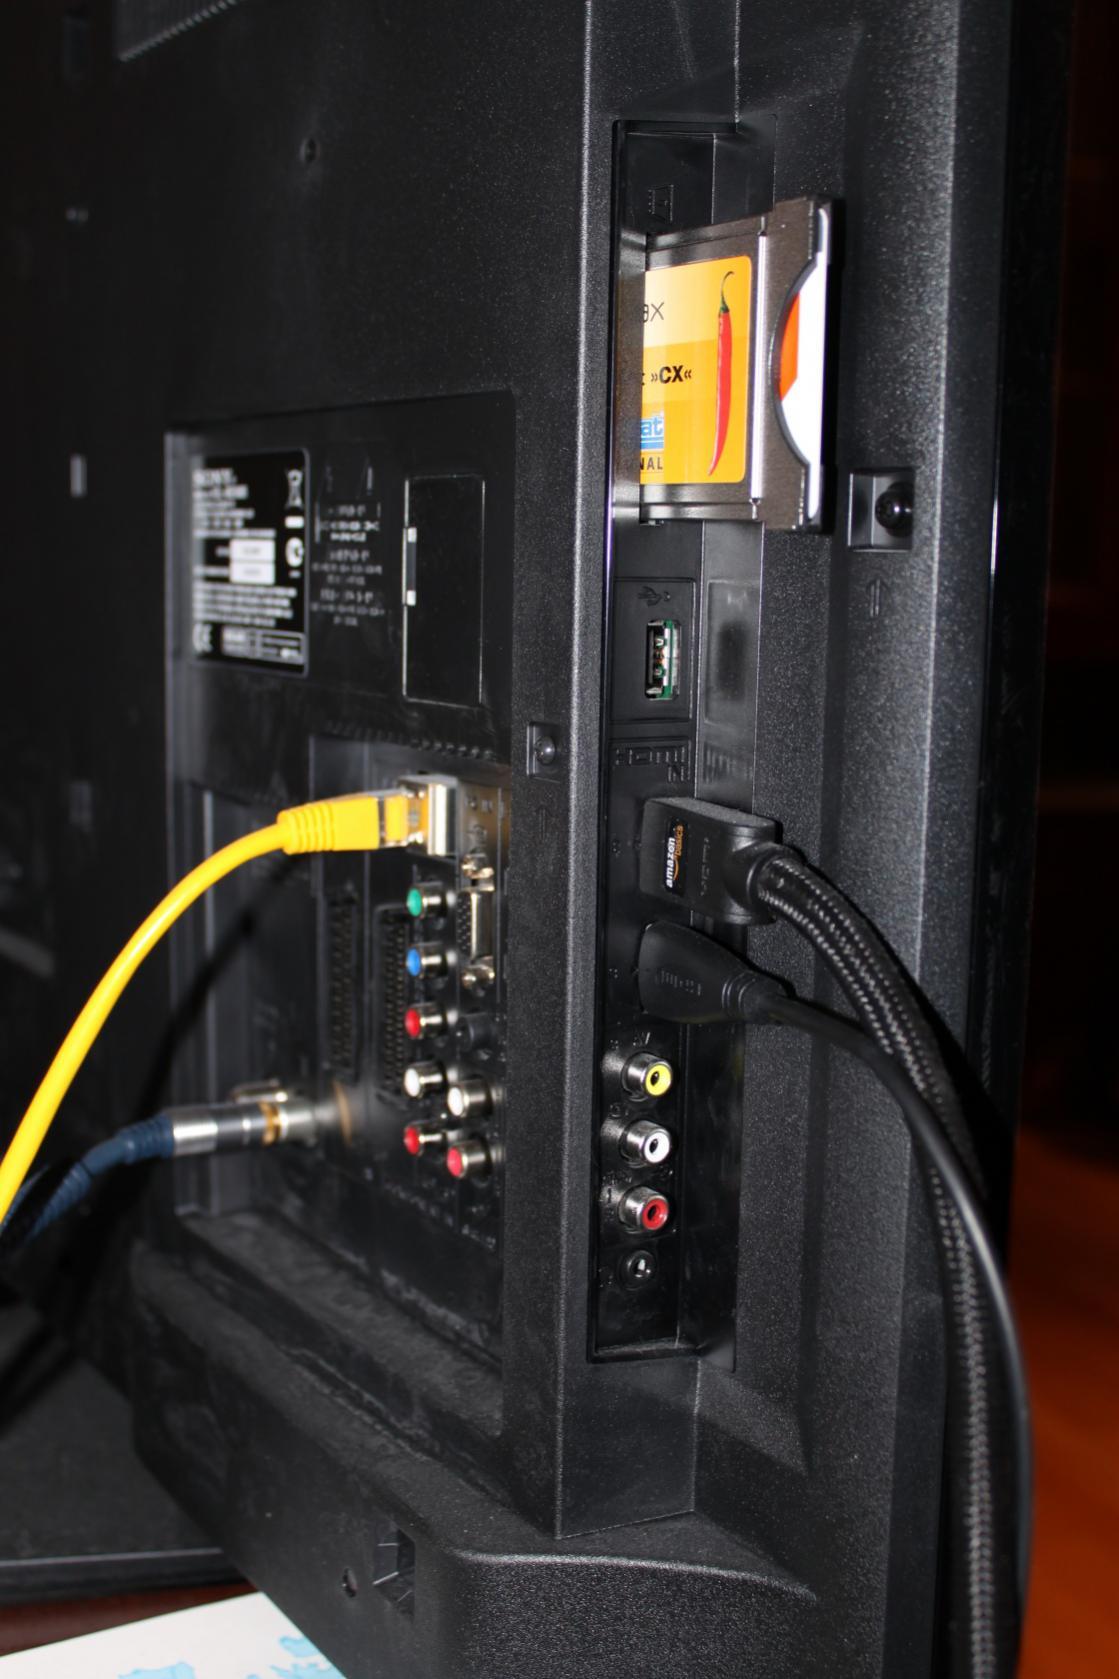 Leserartikel 40 Tv Sony Kdl 40ex605 Mein Kleines Review Audio Wiring Anschluesse1